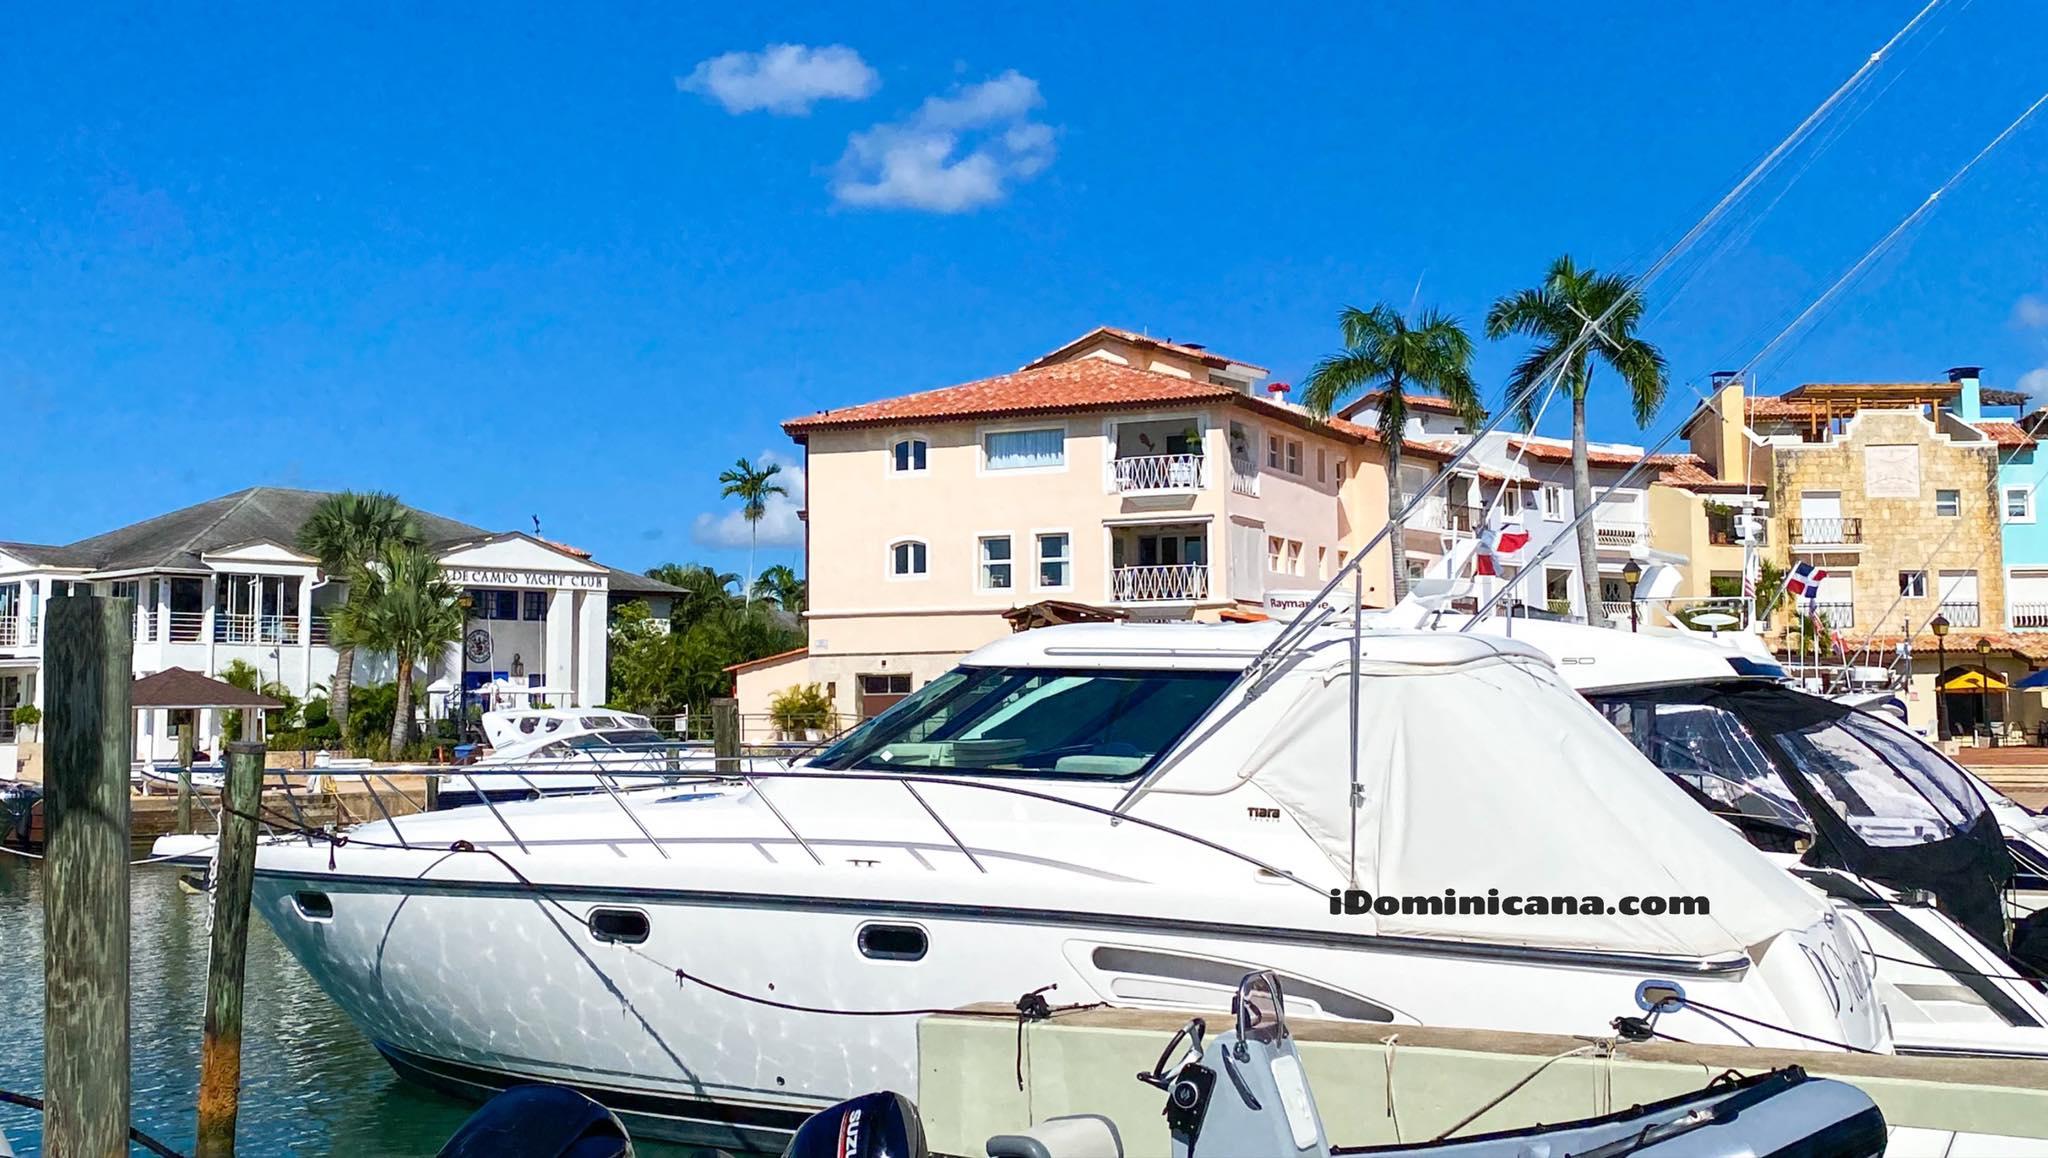 Частная яхта в Доминикане, тип Tiara, 47 ft